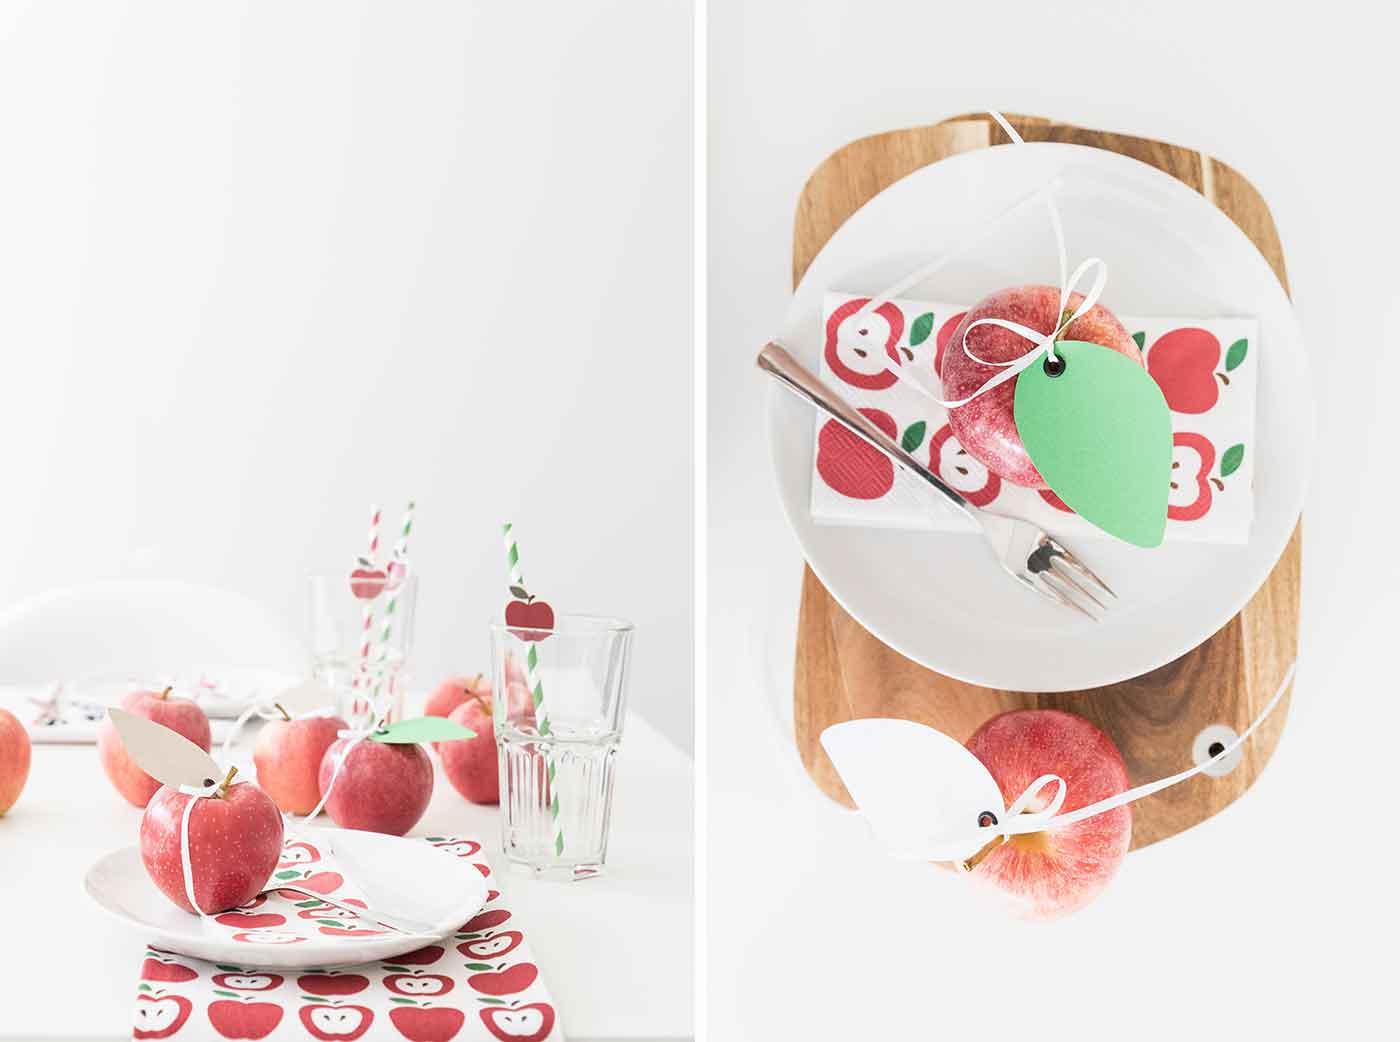 Wir feiern ein Apfelfest.